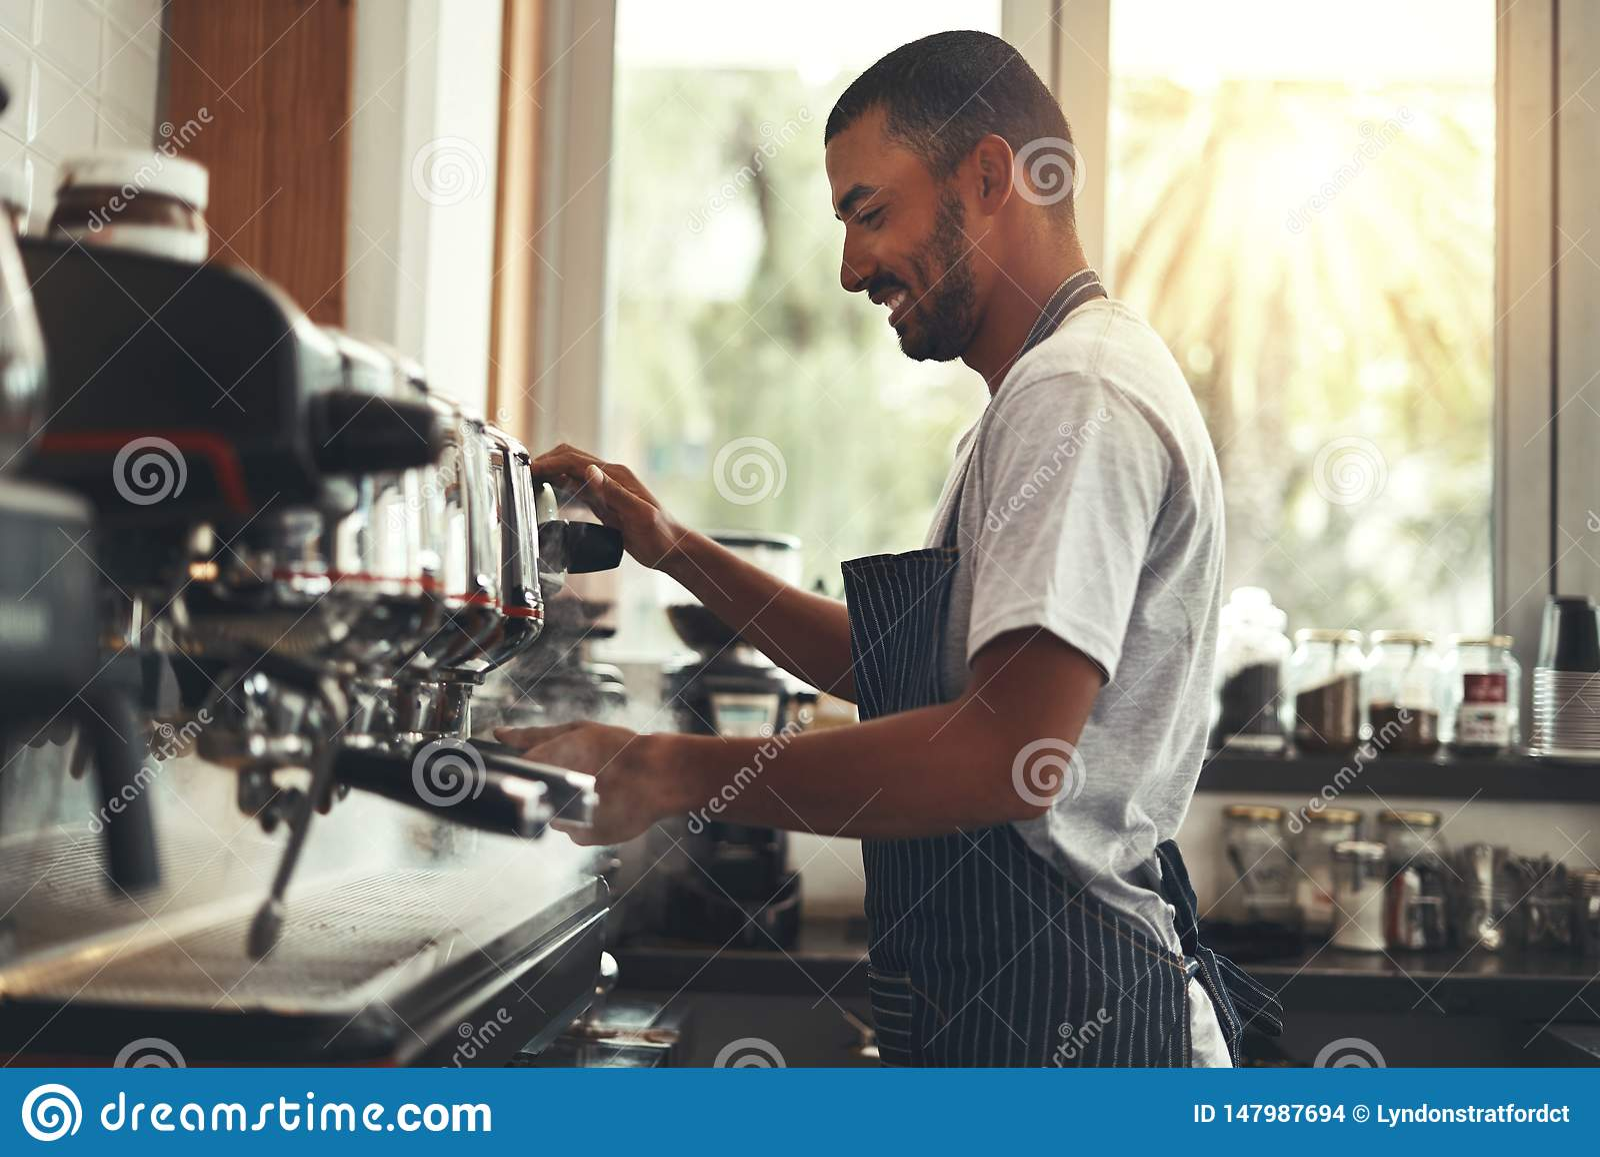 Barista делает капучино в кафе